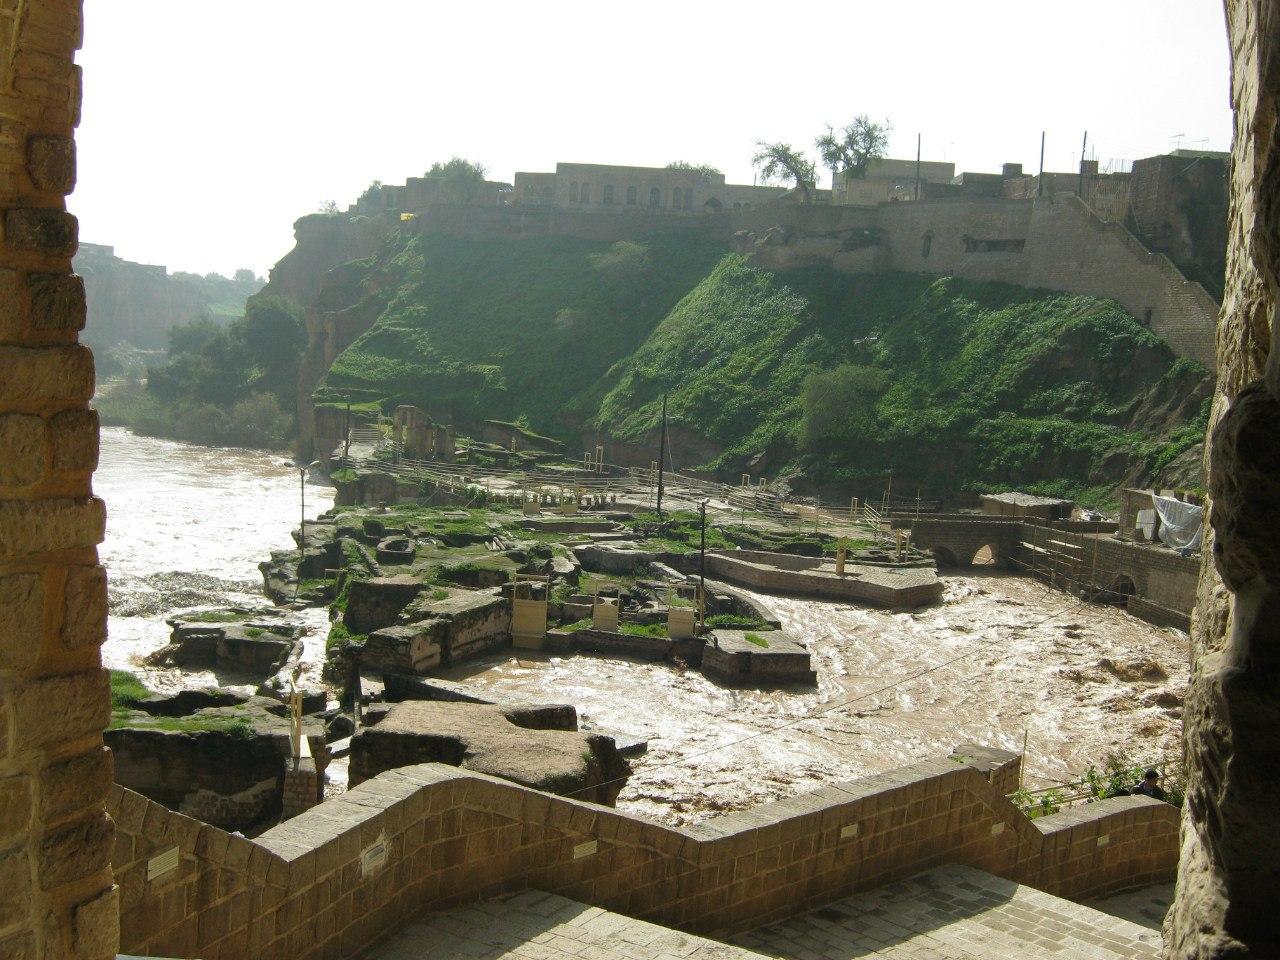 водопадно-мельничный комплекс в Шуштар